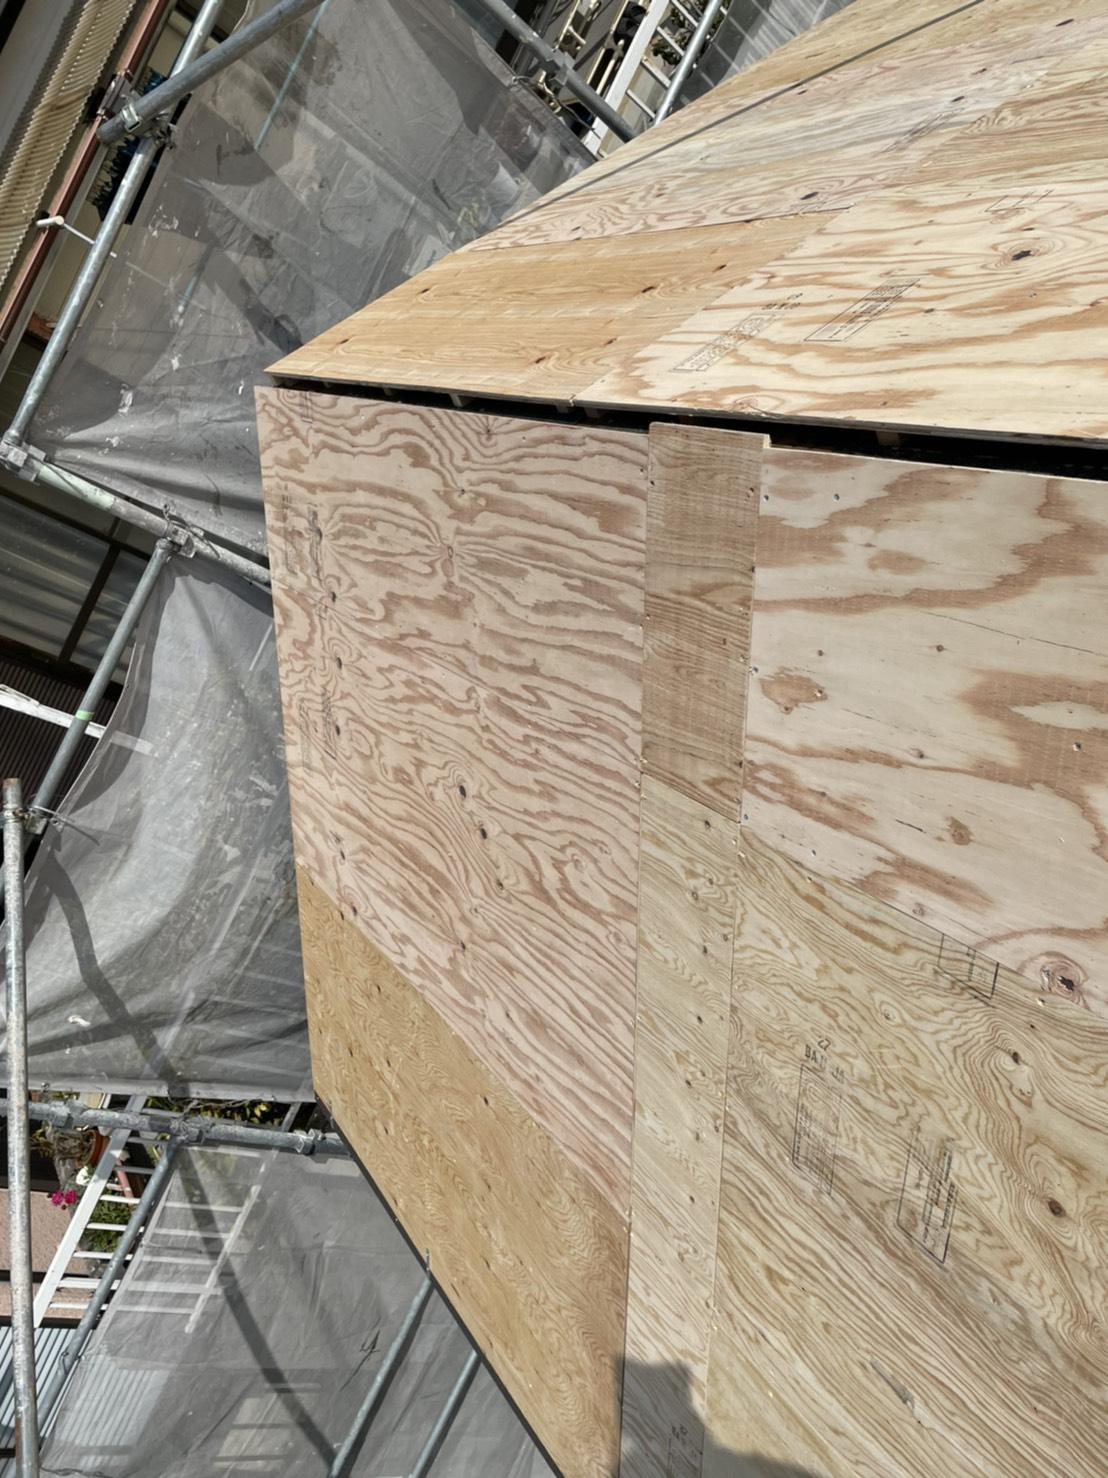 屋根断熱リフォームで下地用合板を貼って屋根下地の断熱対策が完了した様子